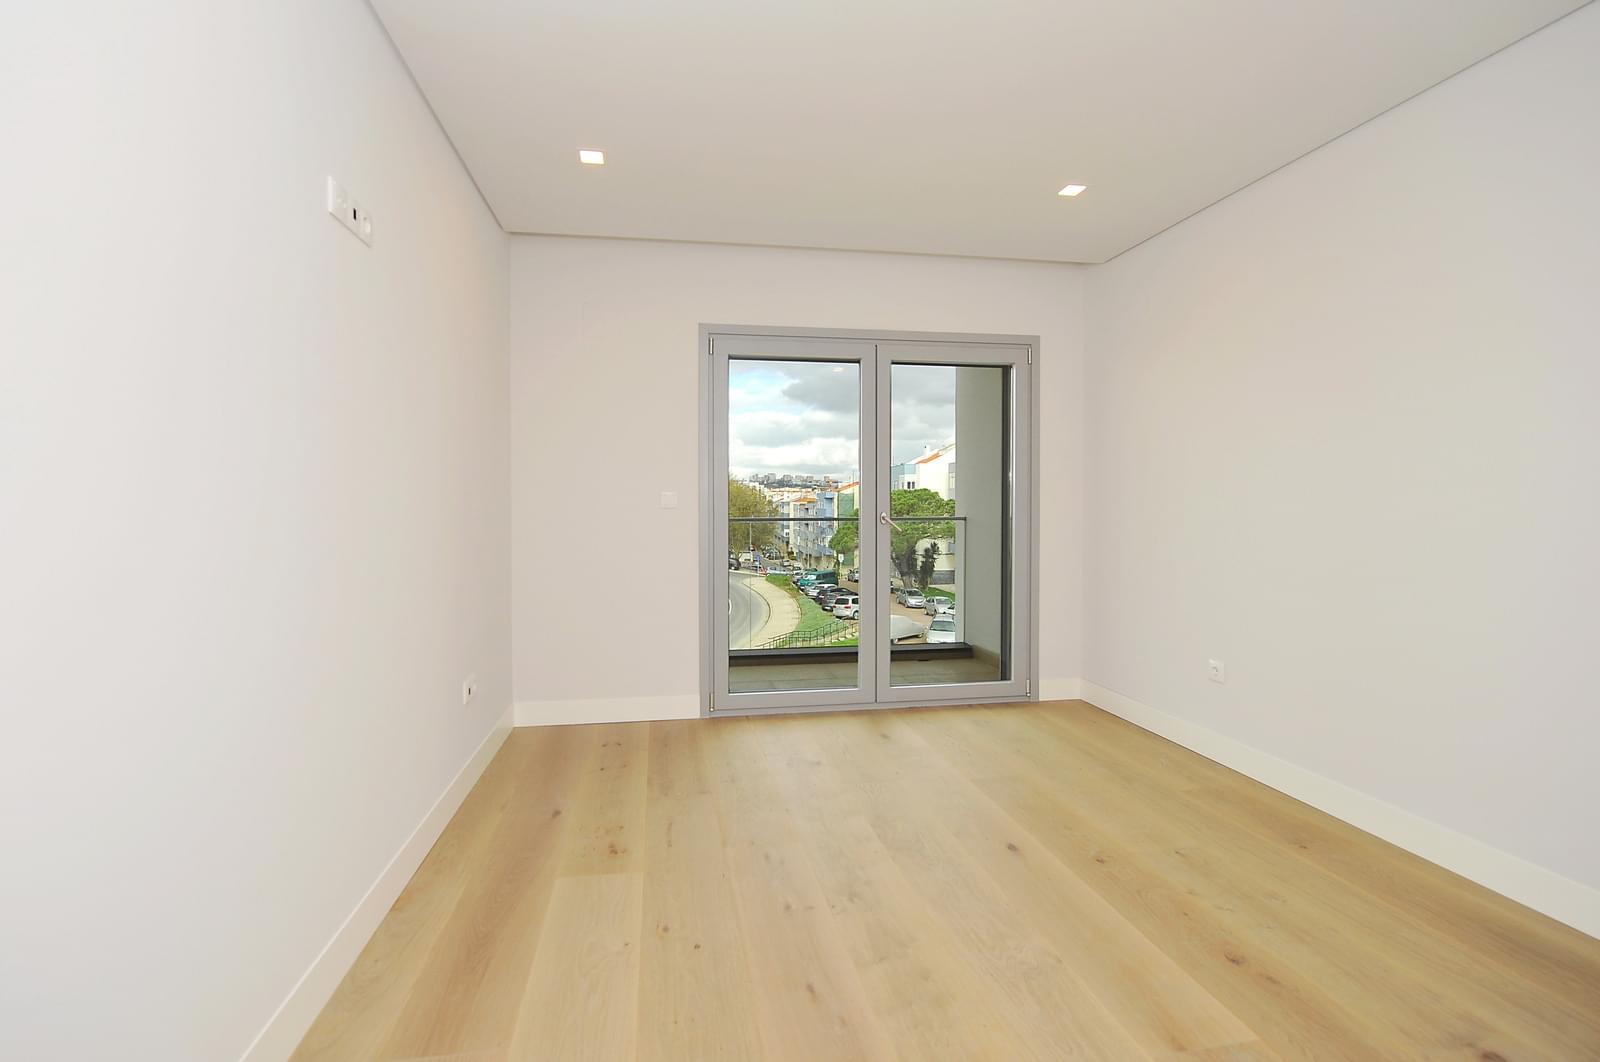 pf18989-apartamento-t4-oeiras-84cd79b0-70be-4ef0-95e7-617463da0833